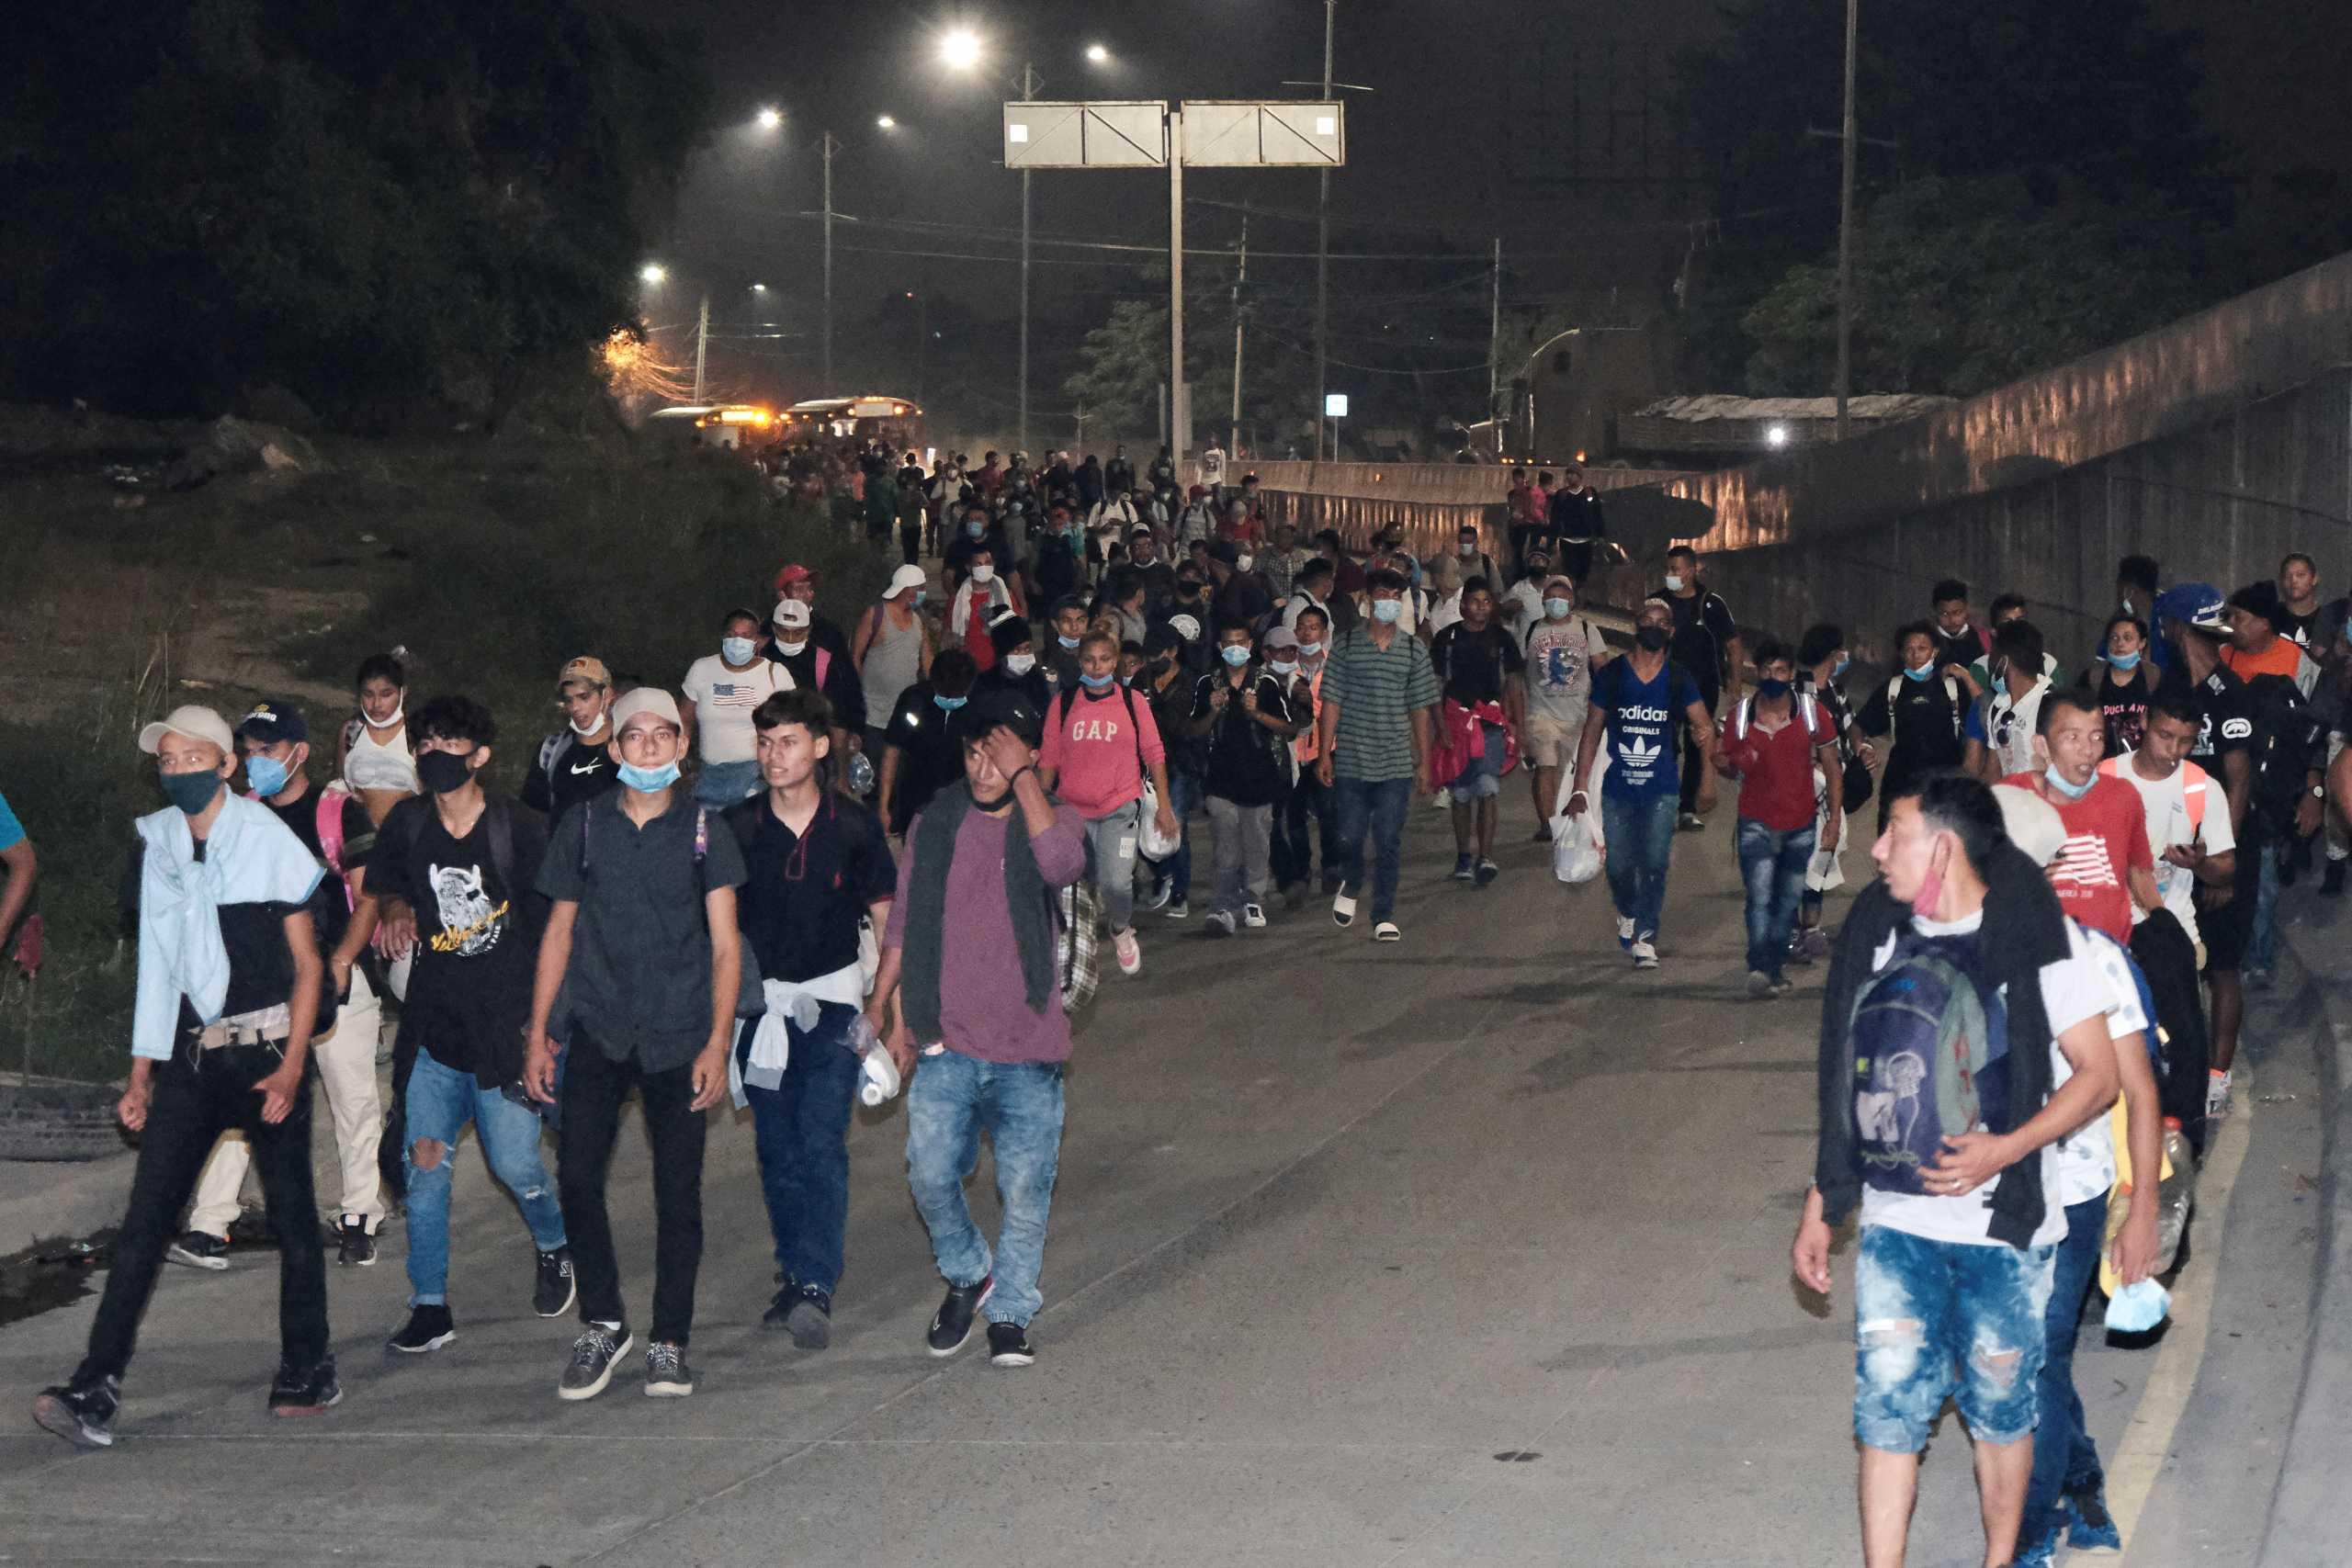 Ονδούρα: Καραβάνι 3.000 ανθρώπων ξεκίνησε με στόχο να μπει στις ΗΠΑ